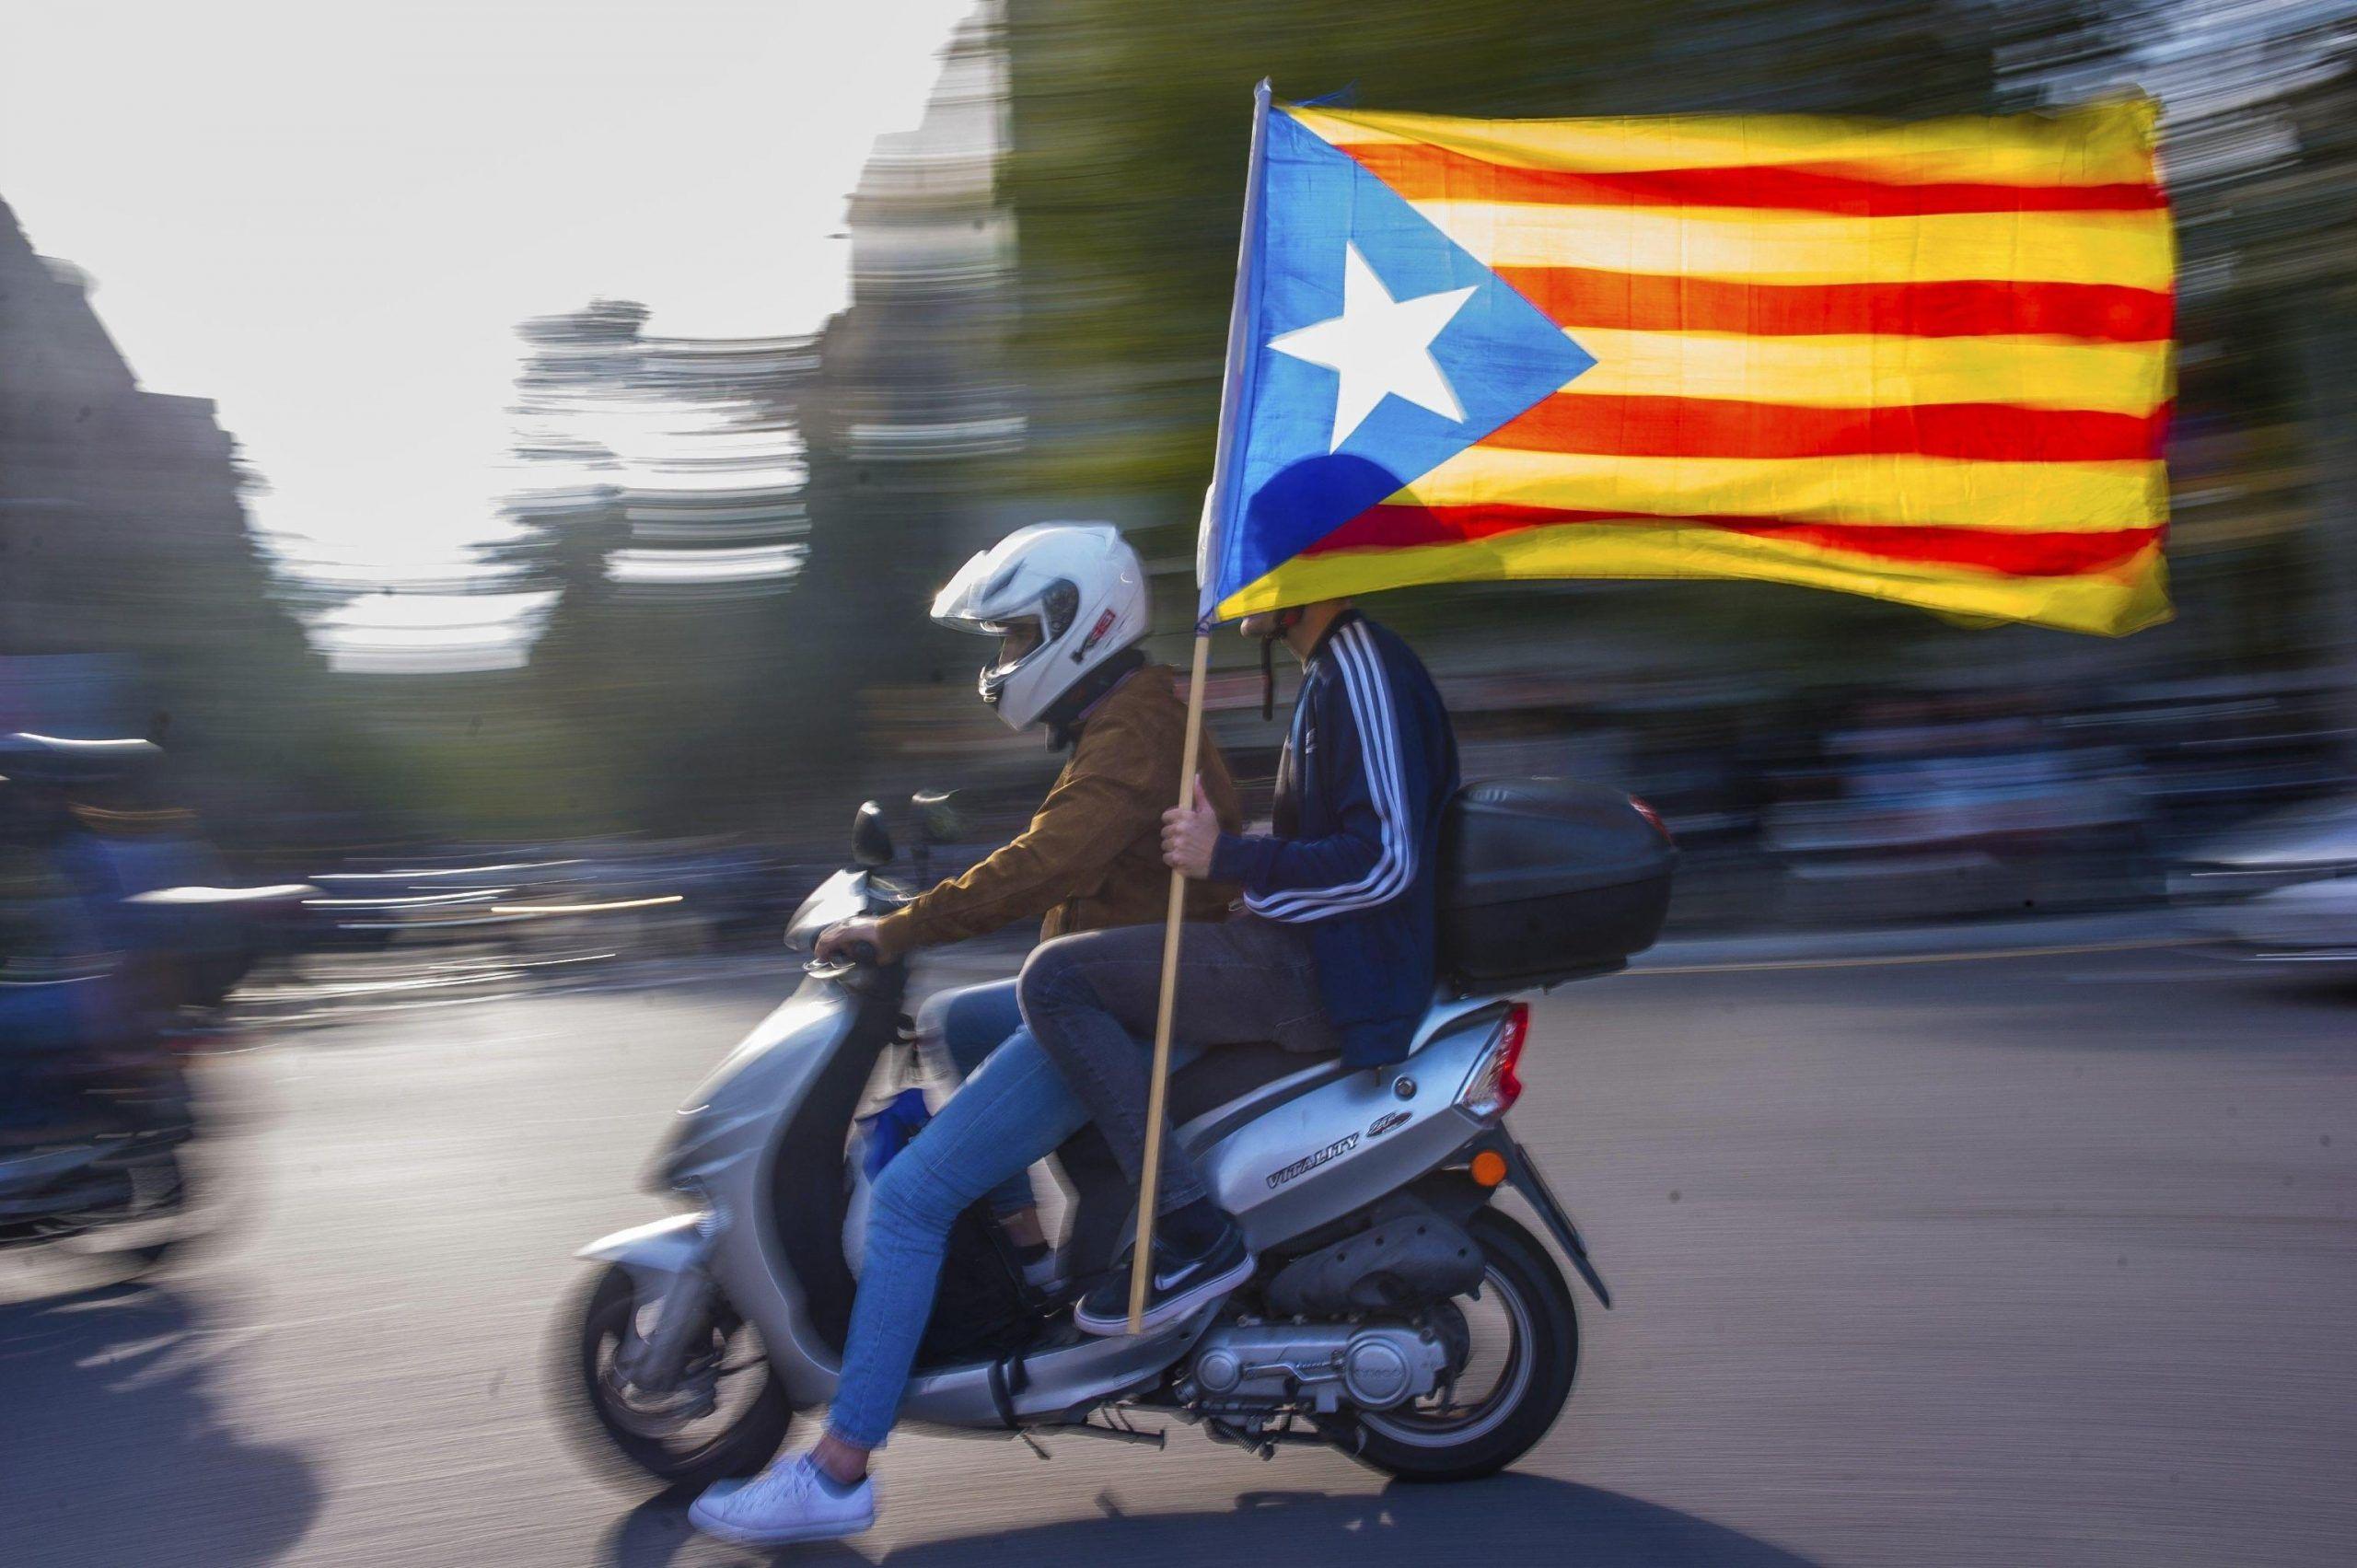 La bandiera della Catalogna: che significato ha?